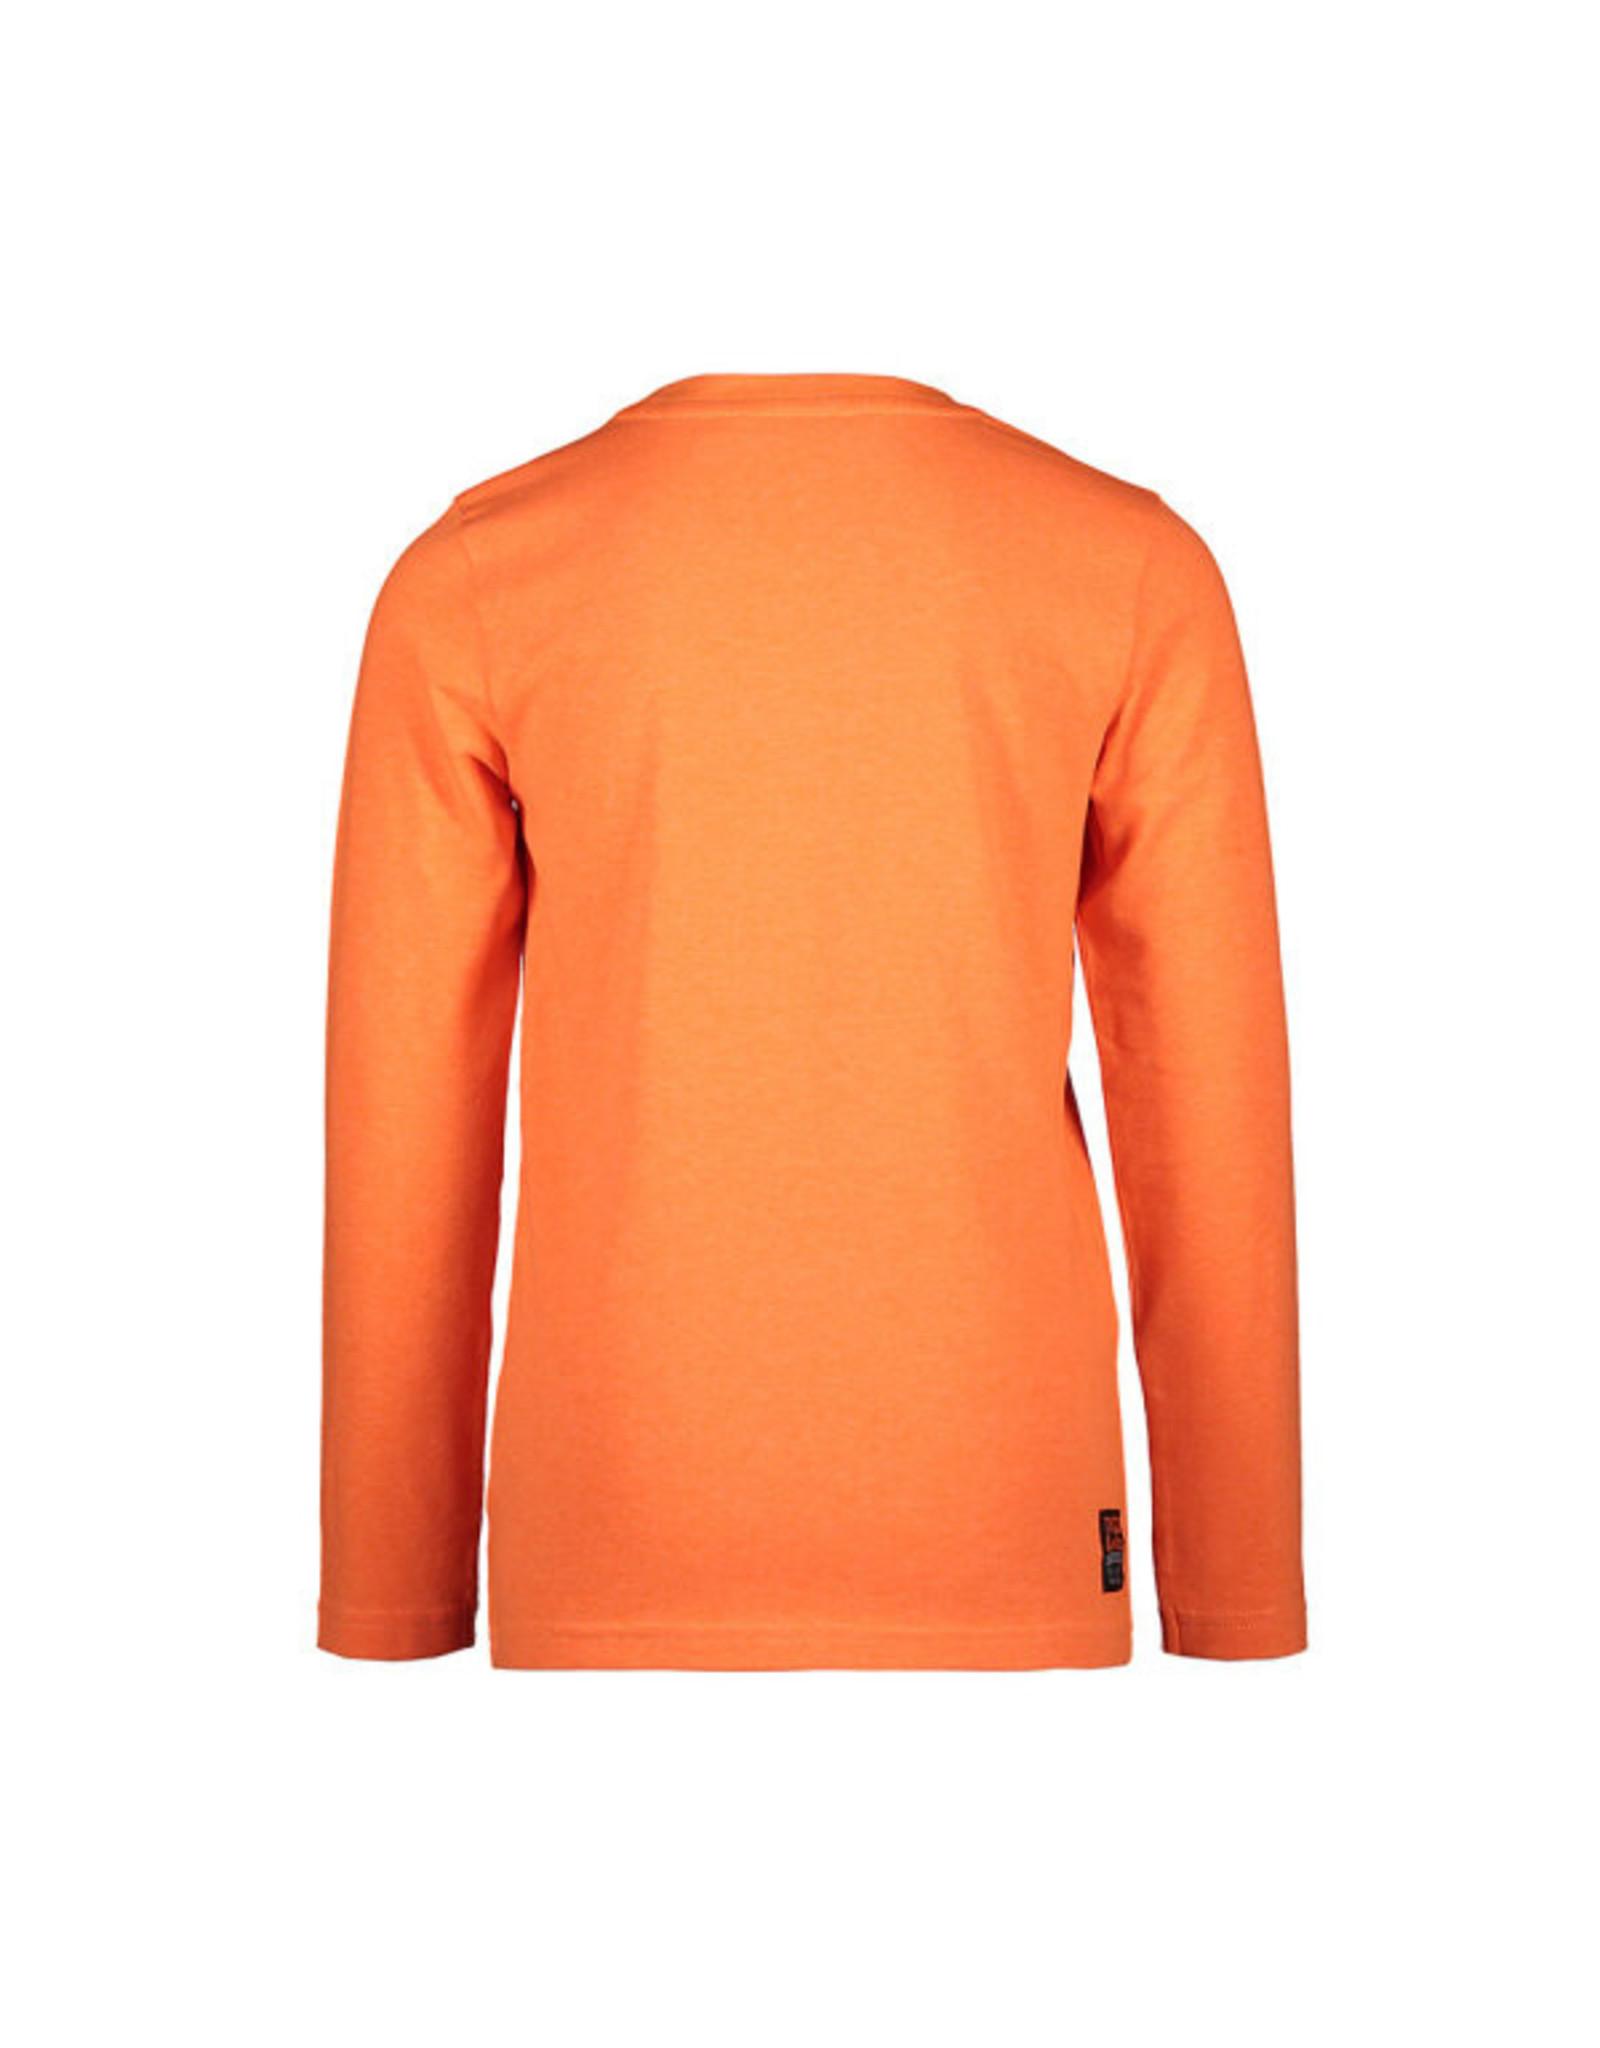 TYGO & Vito TYGO & Vito Longsleeve Round Logo Print Neon Shocking Orange